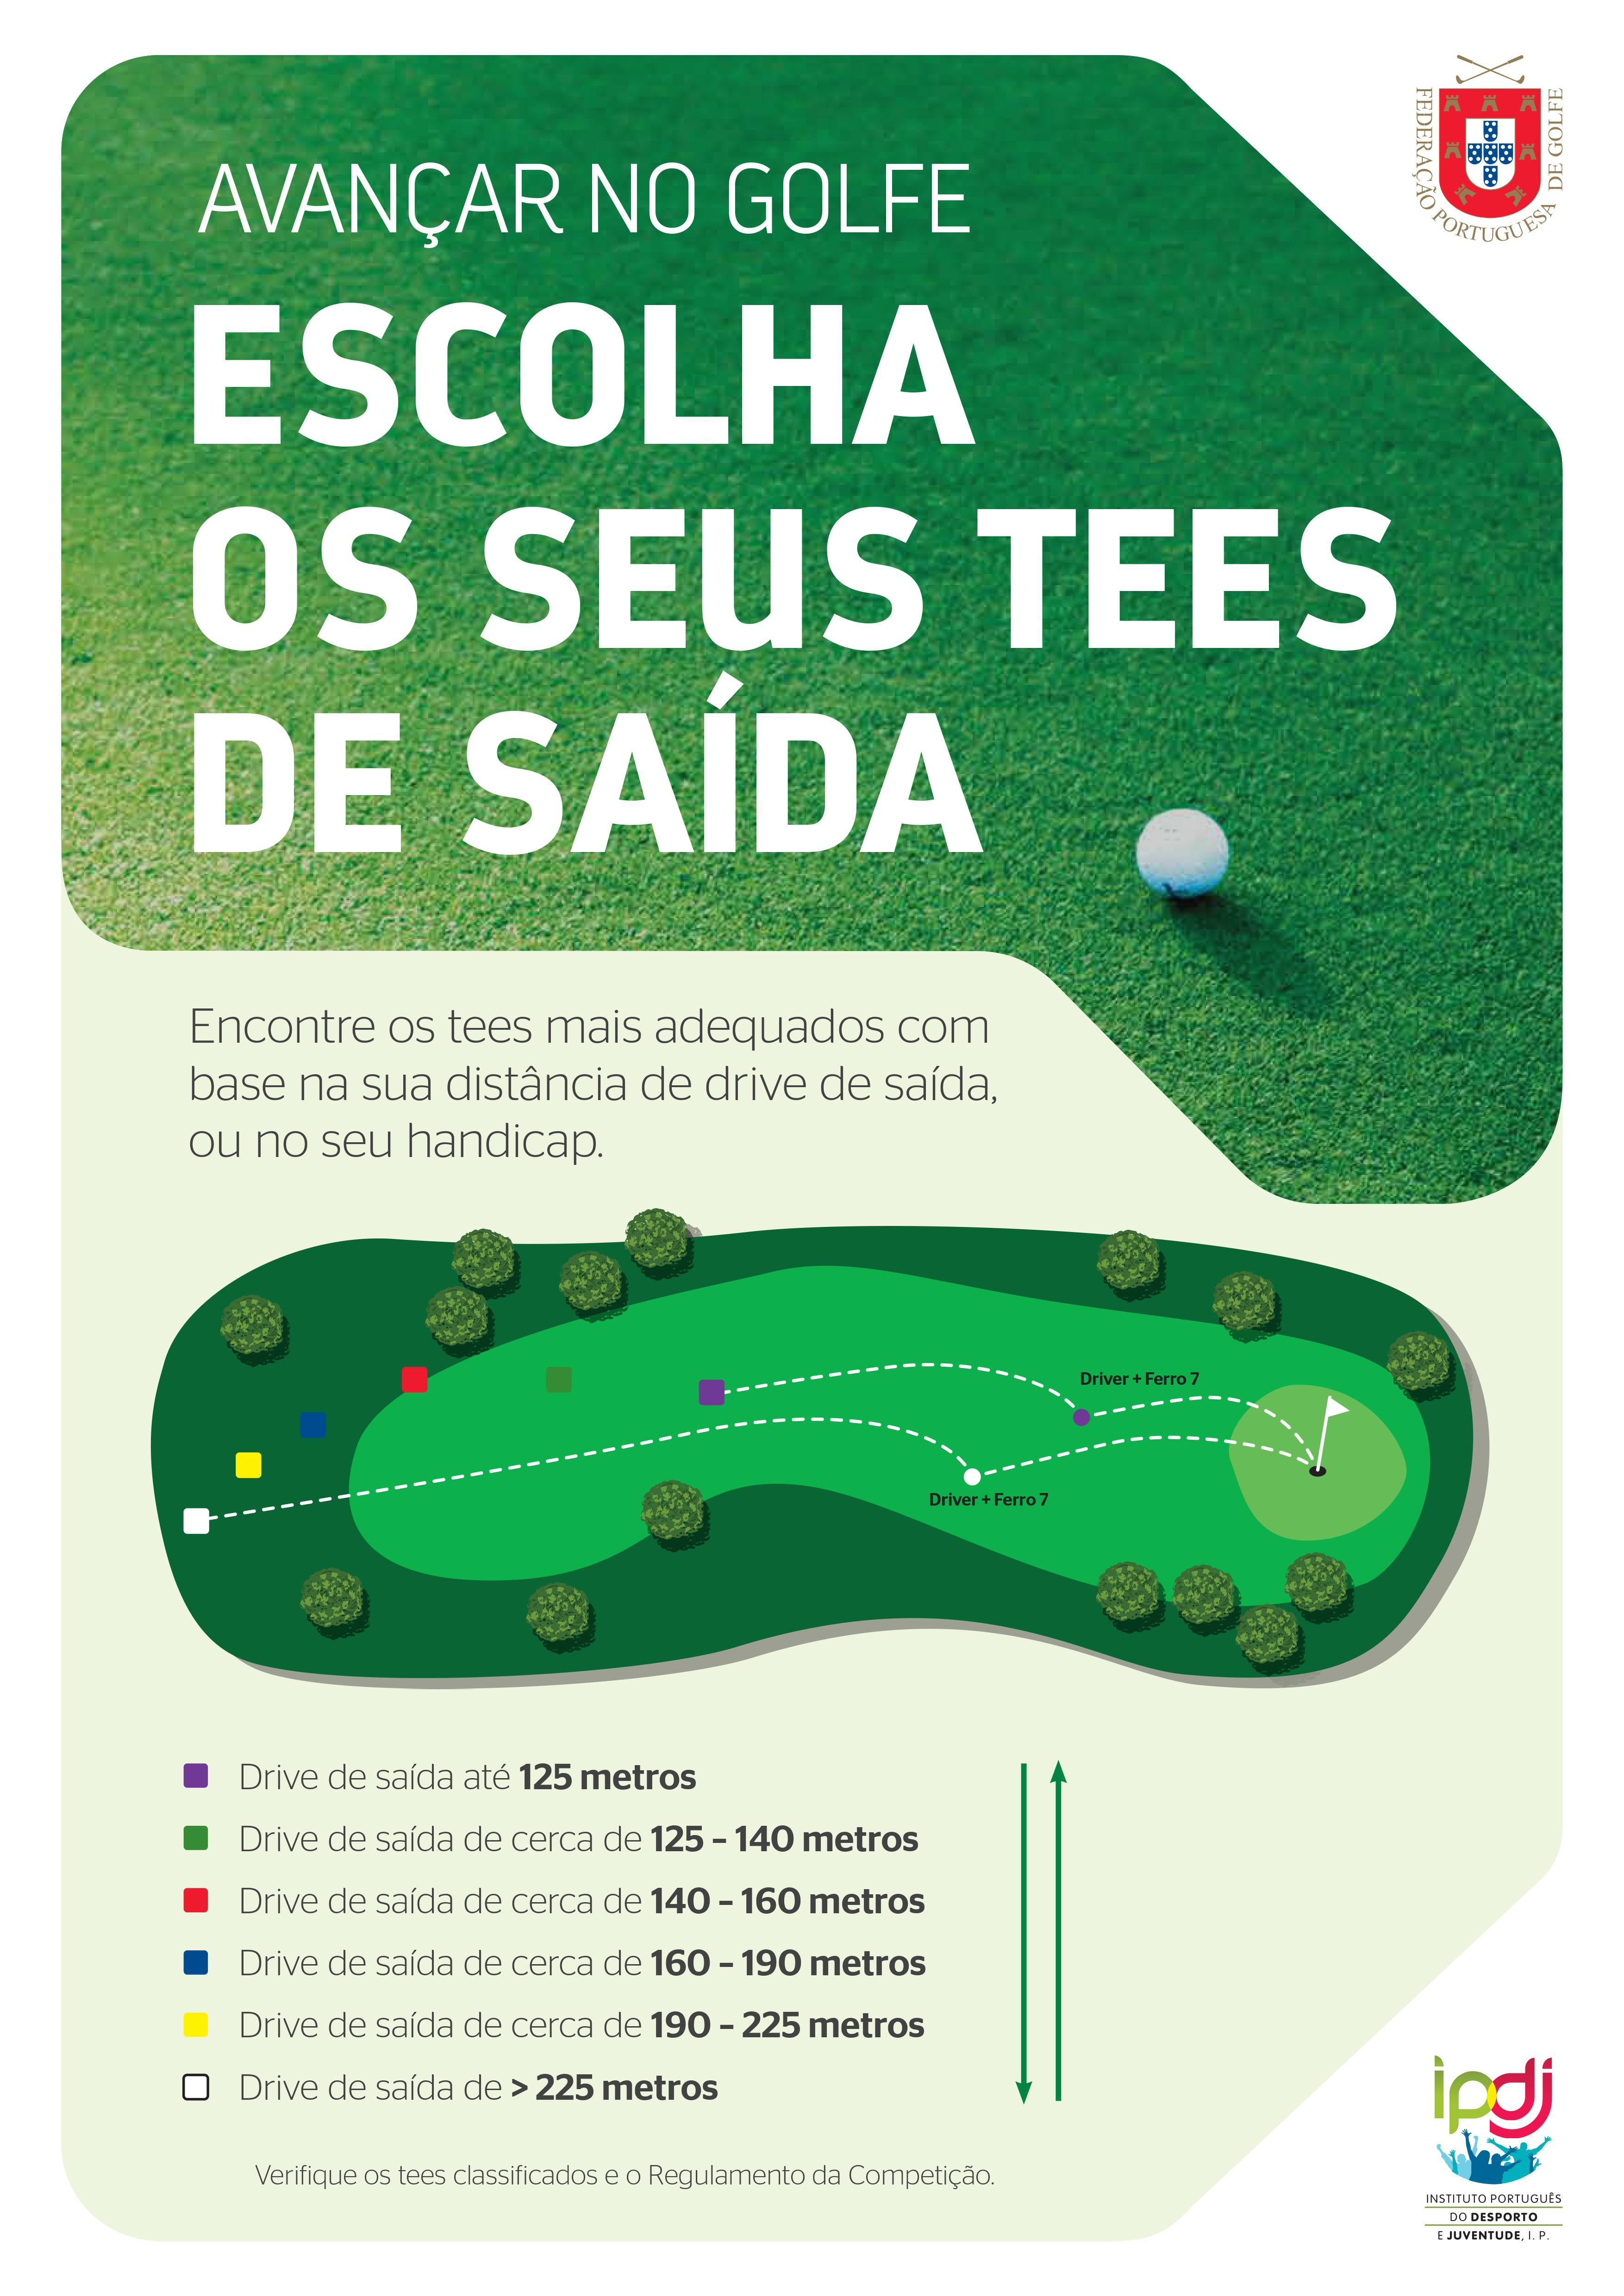 Avançar no Golfe já chegou a 22 campos em Portugal